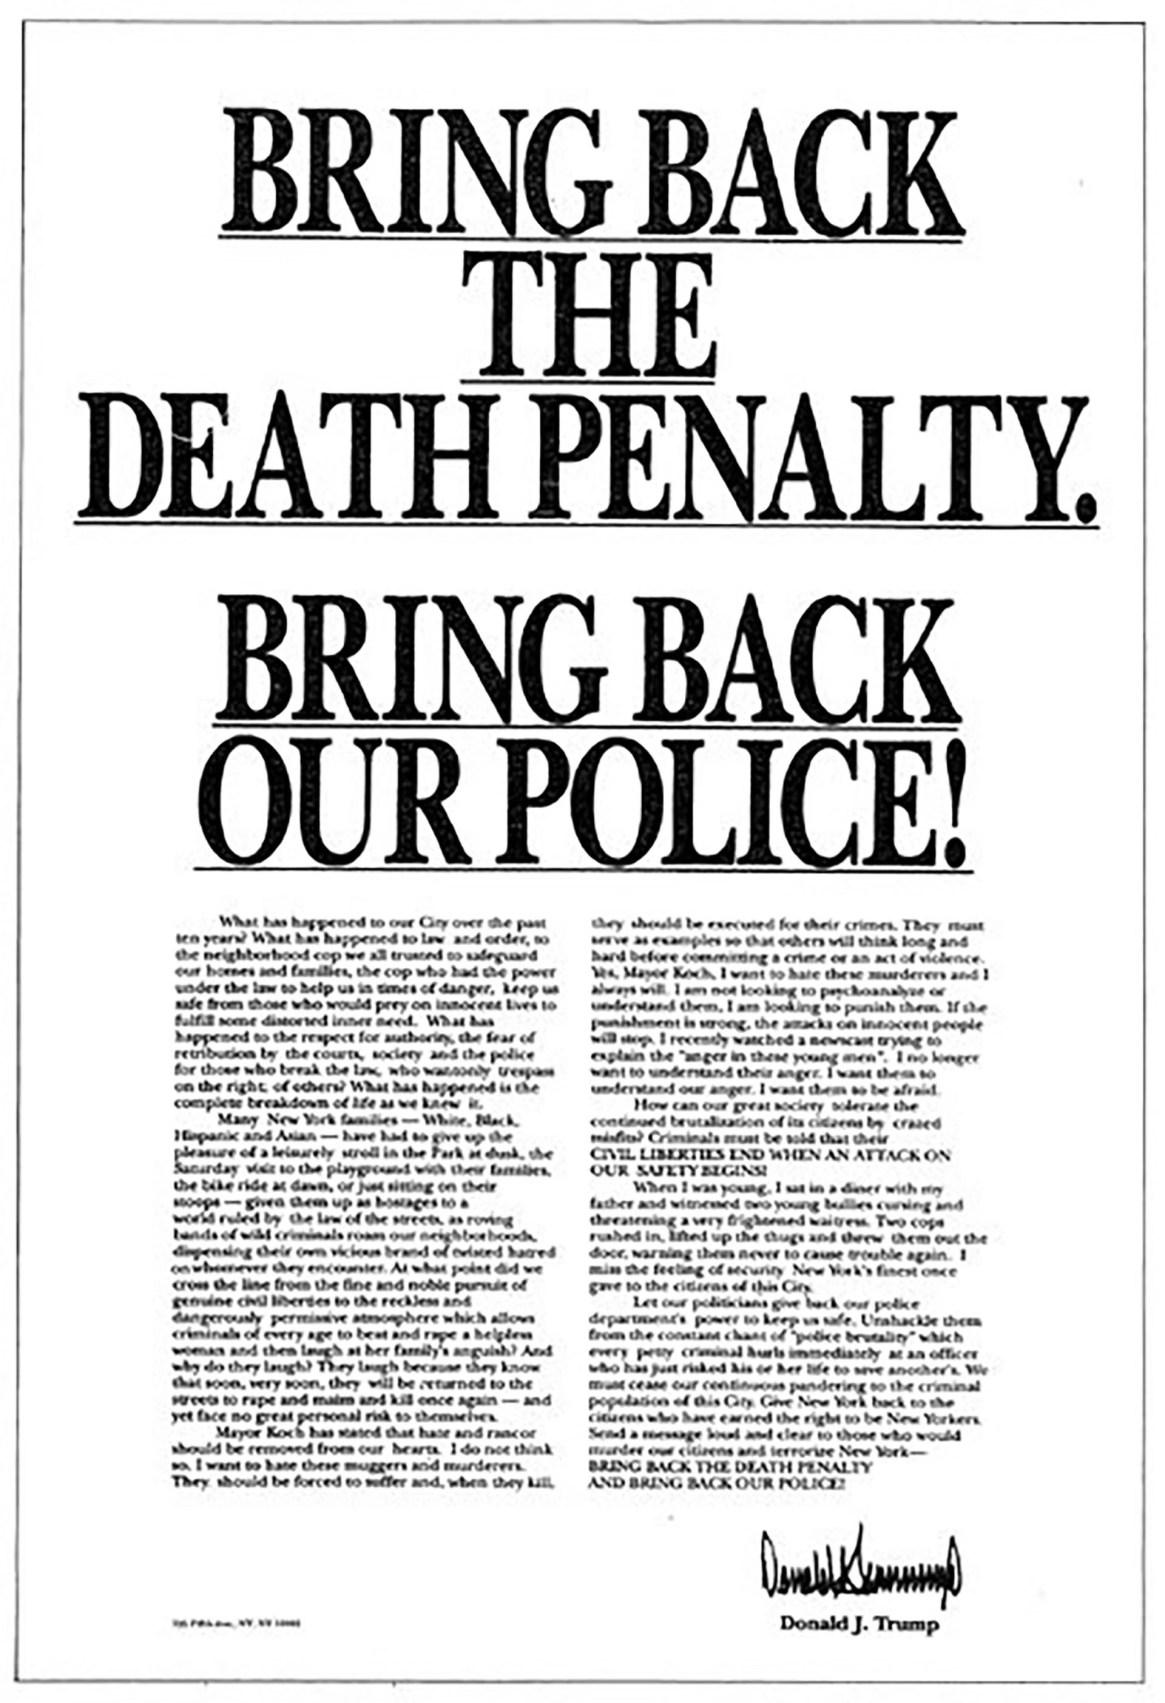 Donald Trump llegó a pagar anuncios en los principales diarios pidiendo que los menores fueran condenados a la pena de muerte